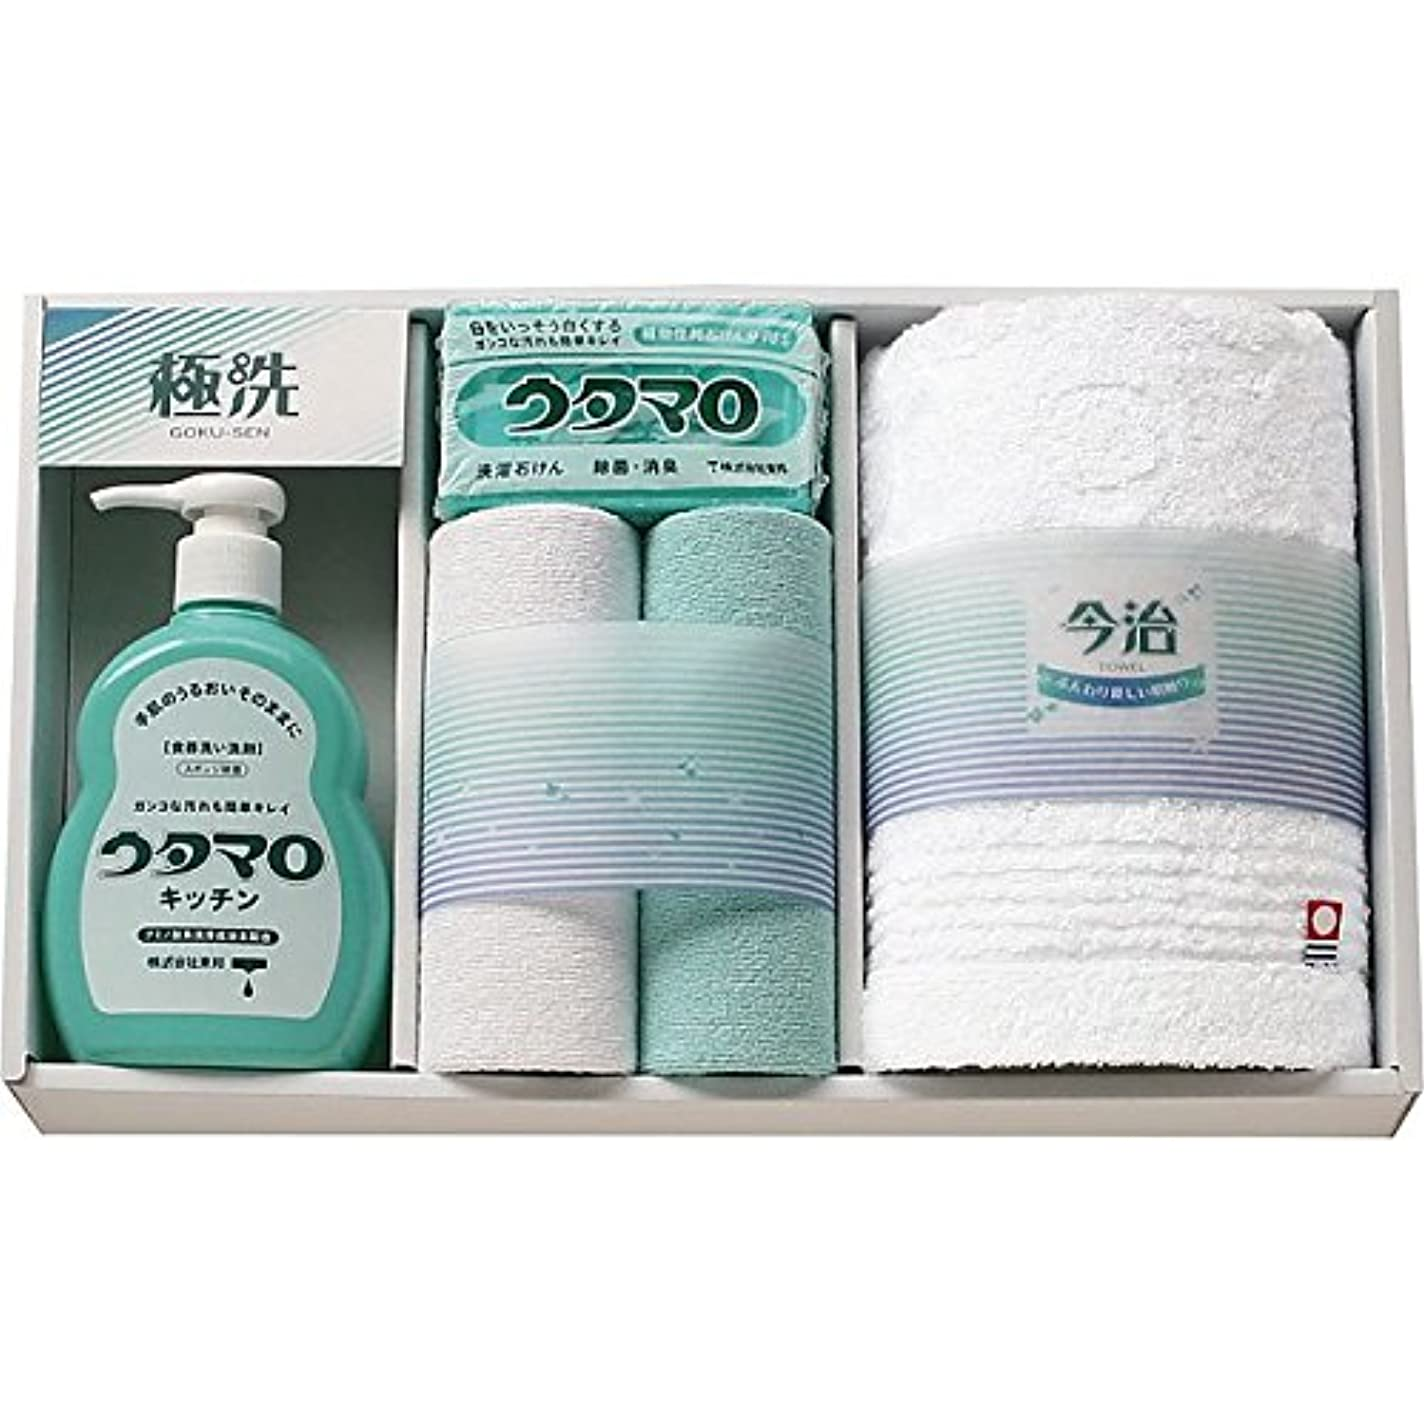 寮混合した強打( ウタマロ ) 石鹸?キッチン洗剤ギフト ( 835-1055r )